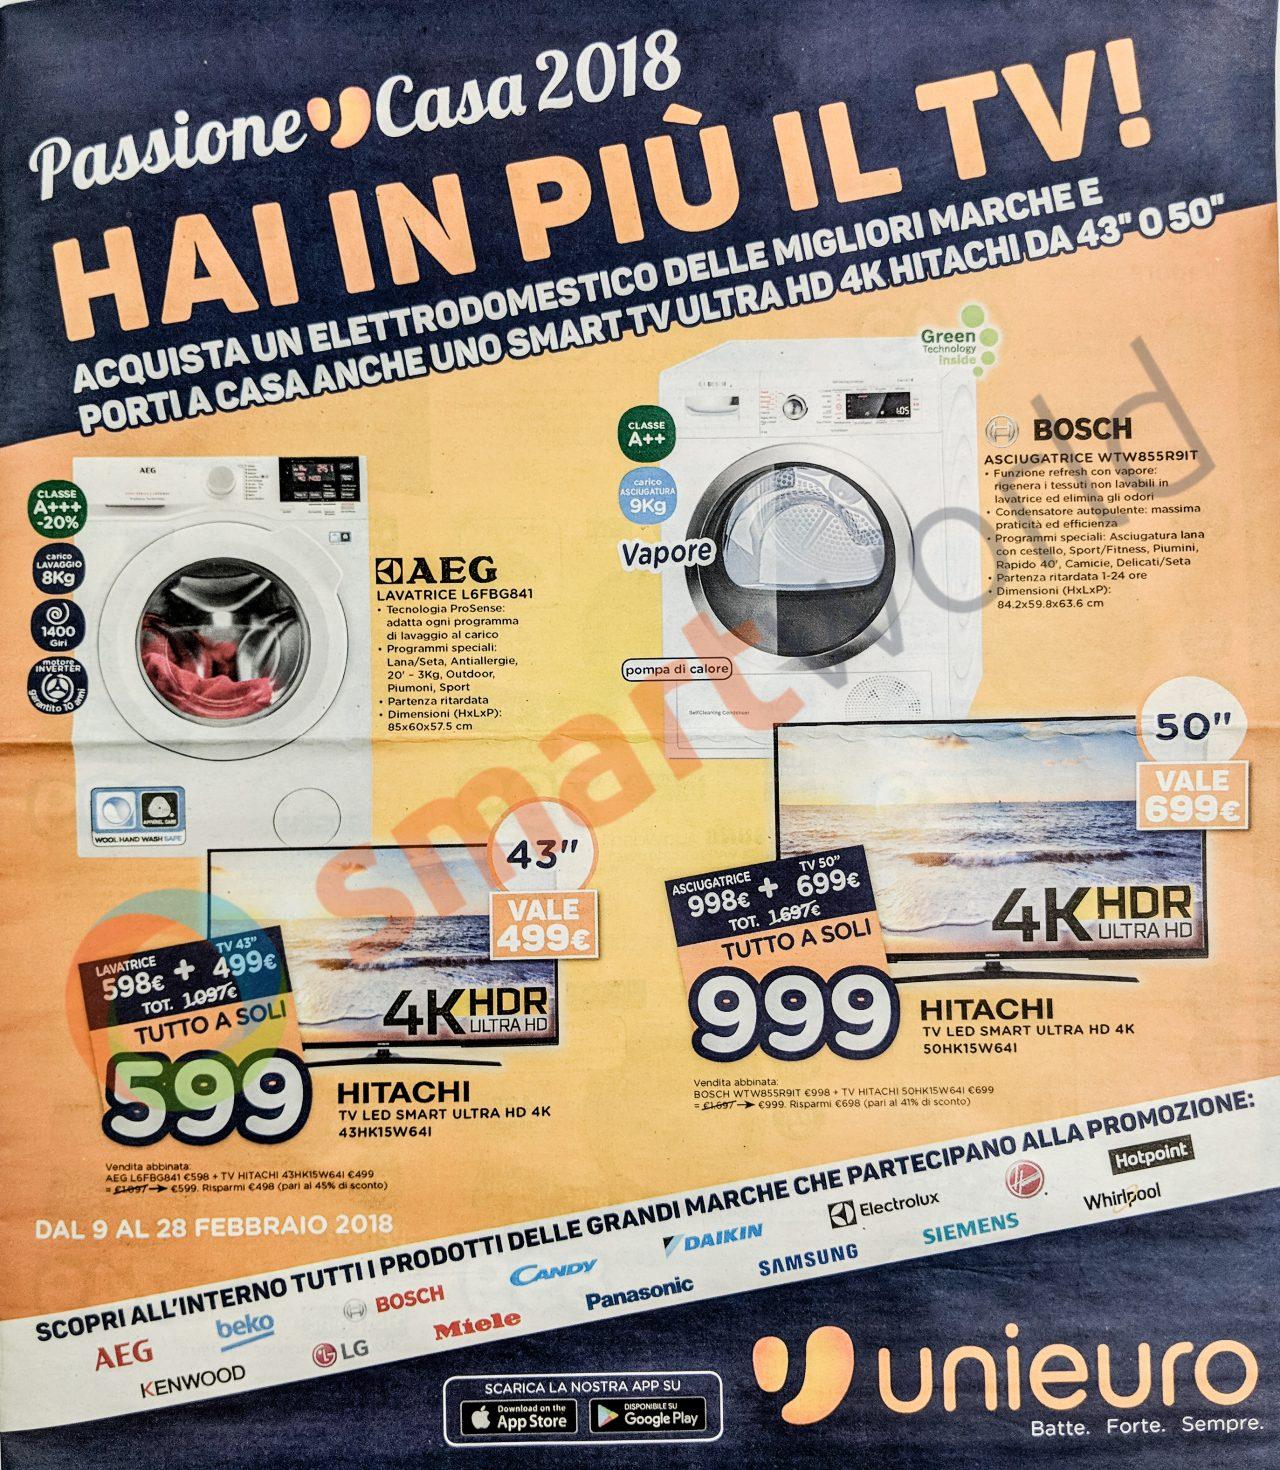 Volantino Unieuro 9 28 Febbraio Tv In Regalo Smartphone Nuovi E Tanta Altra Tecnologia Smartworld